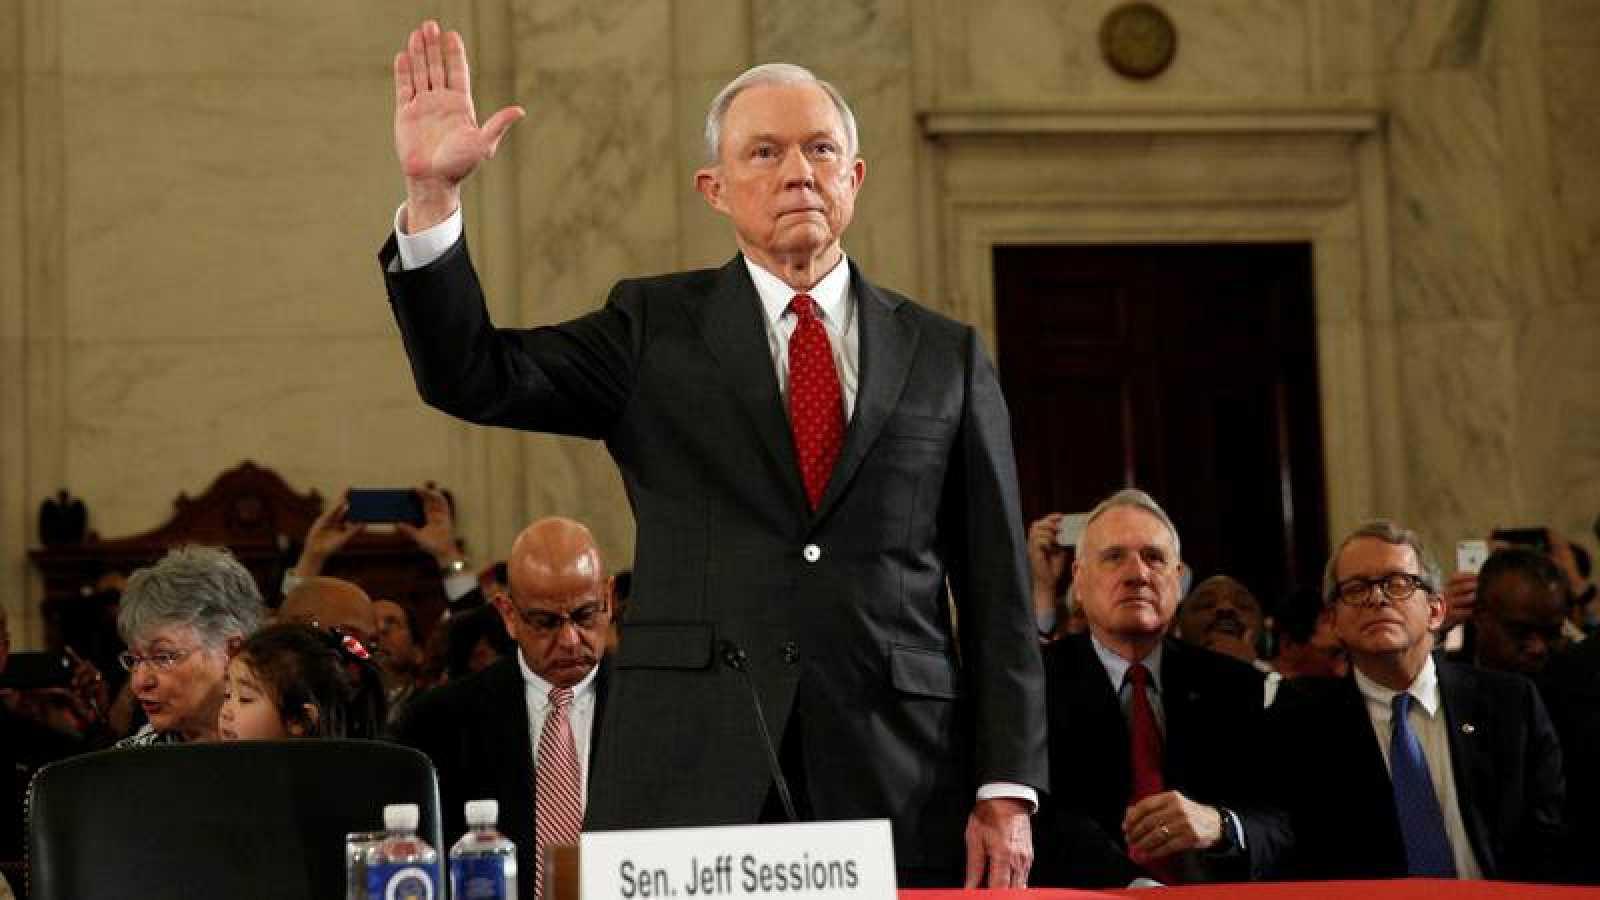 Jeff Sessions confirma ante el Senado el cargo de Fiscal General de Estados Unidos